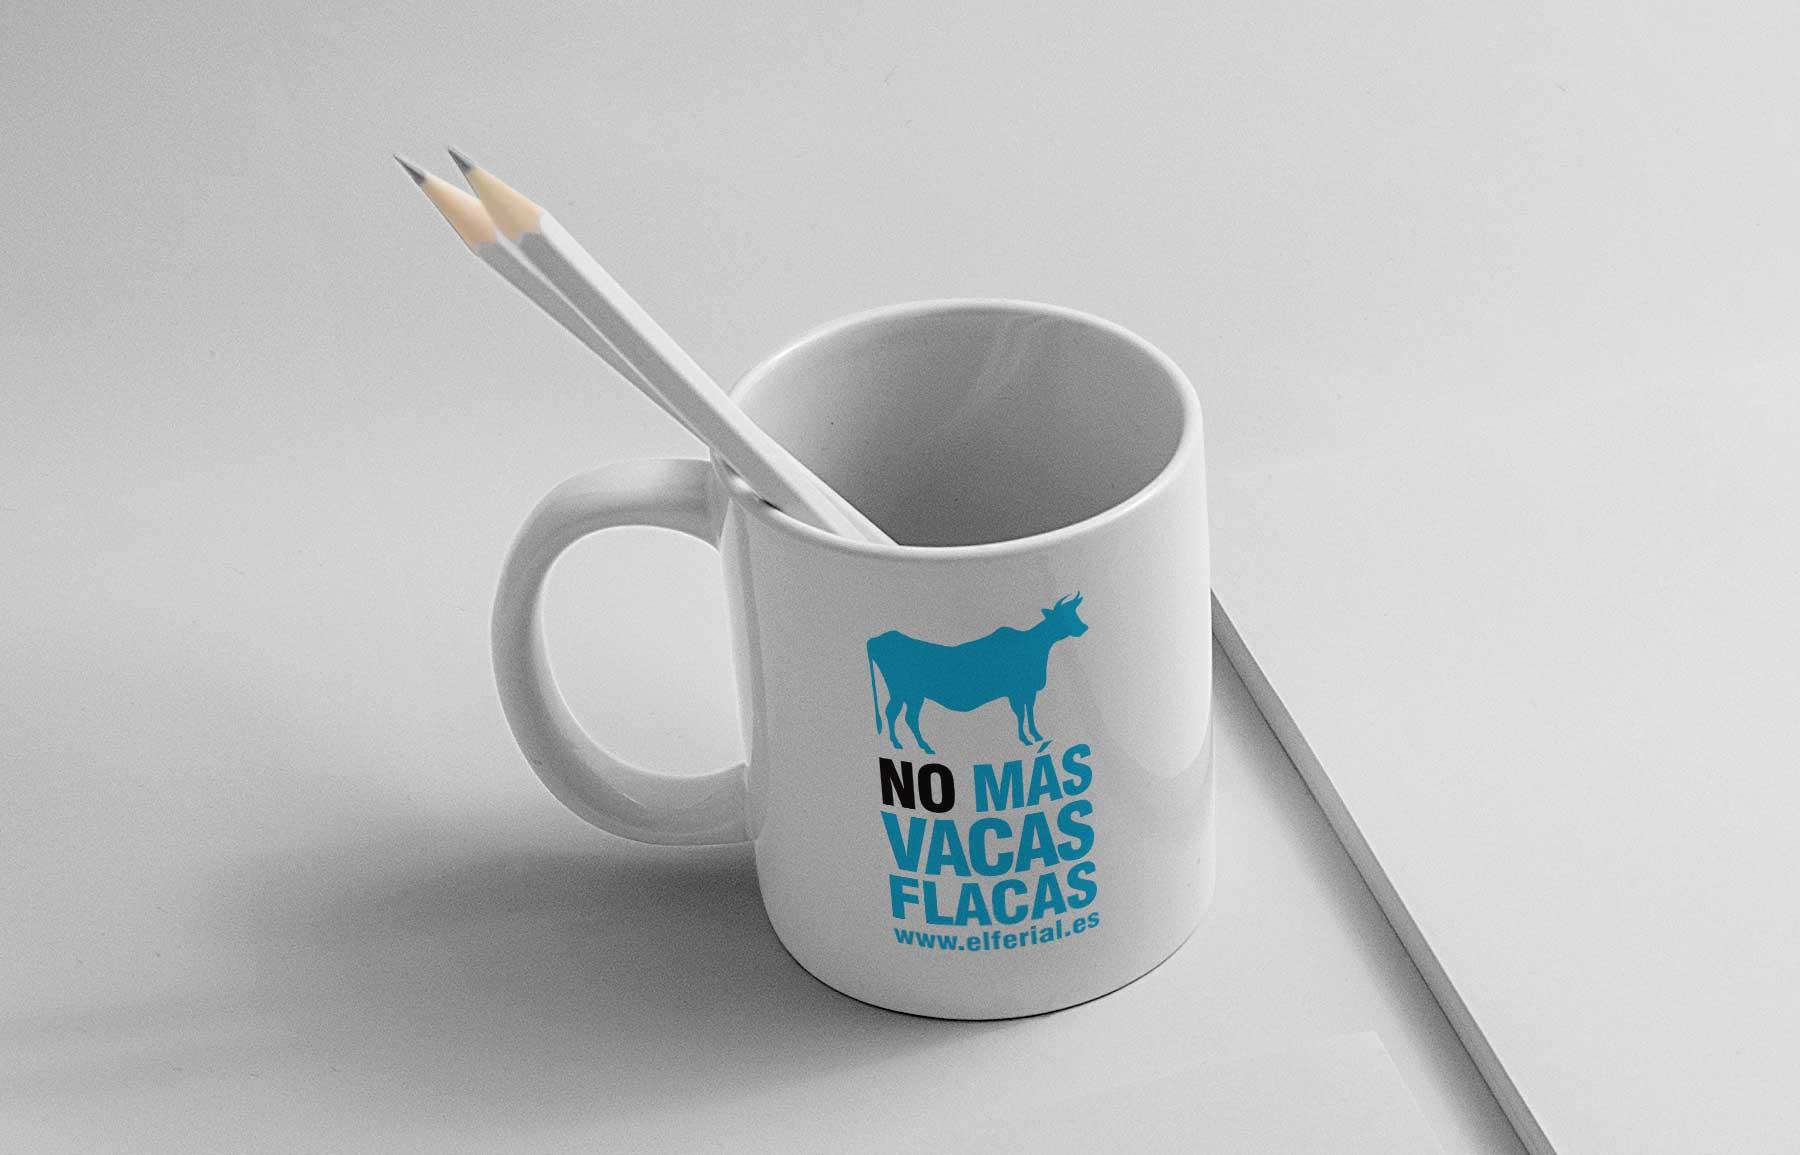 el_ferial_no_mas_vacas_flacas_taza